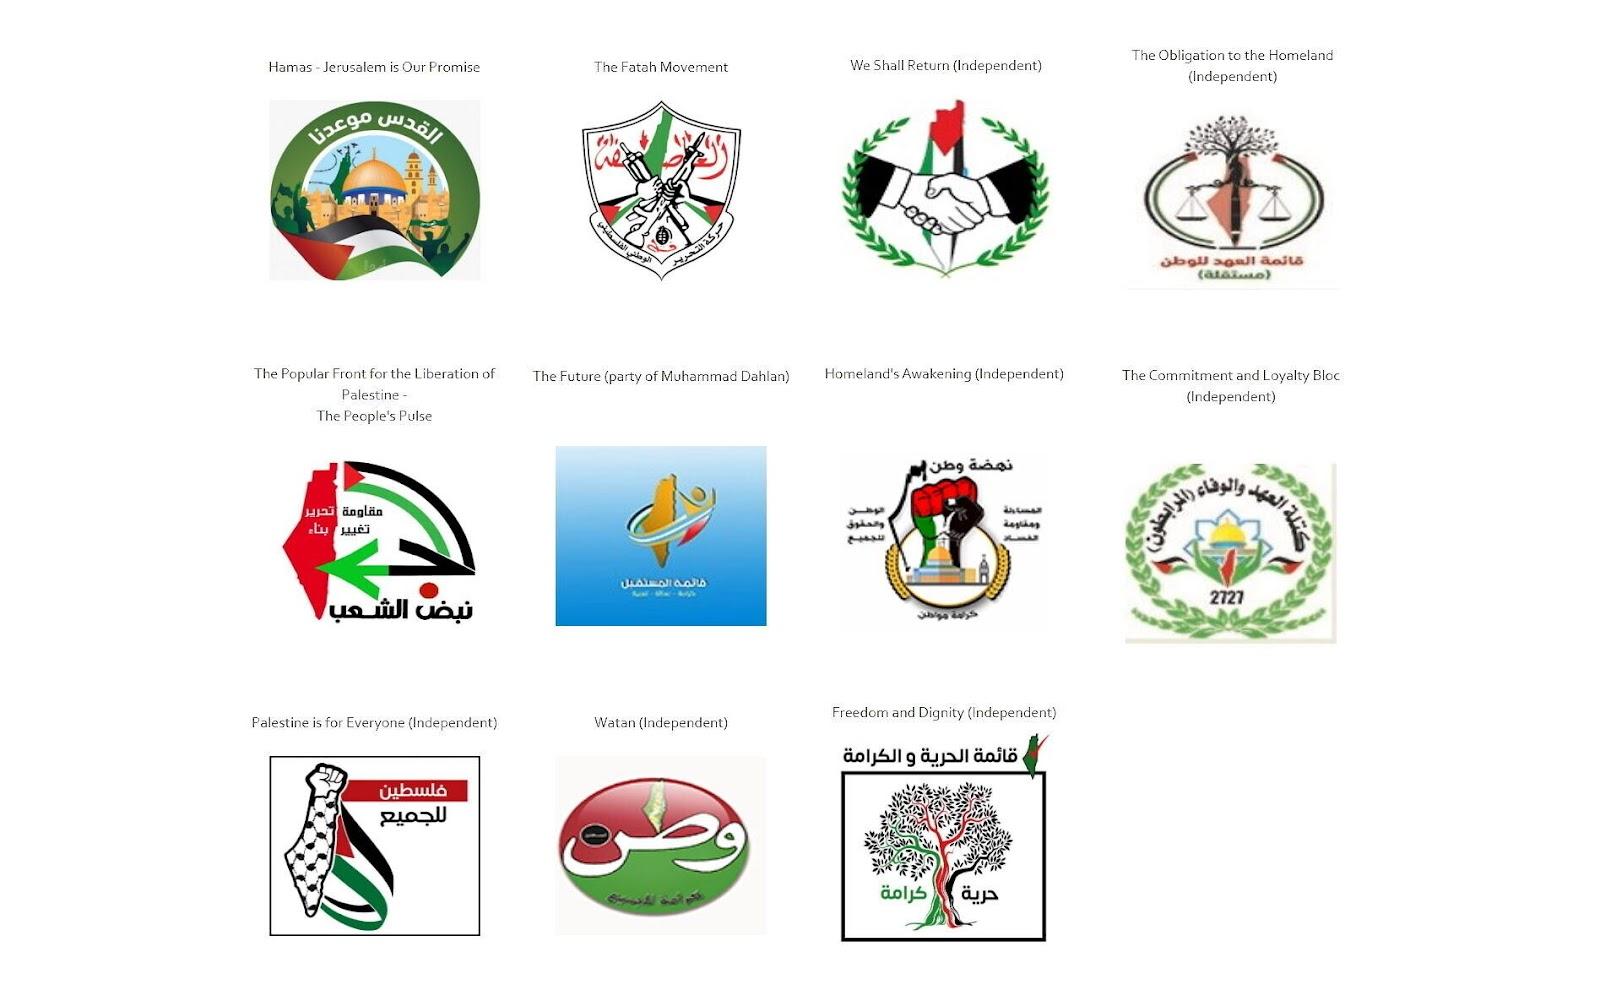 https://static.timesofisrael.com/www/uploads/2021/04/logos-e1618570283823.jpg